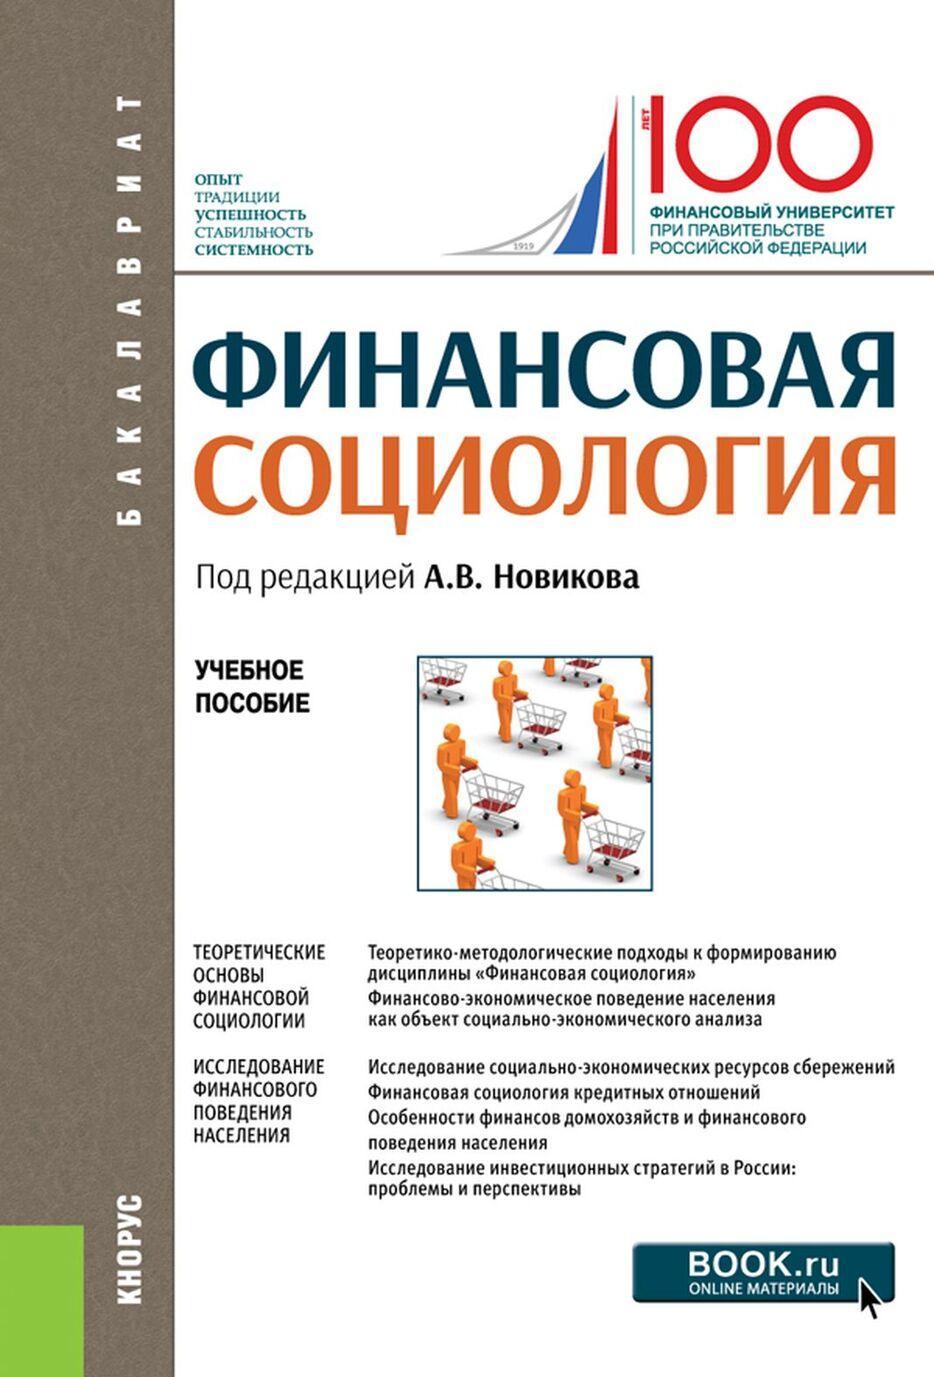 Finansovaja sotsiologija. Uchebnoe posobie | Novikov Aleksej Viktorovich, Nazarenko Sergej Vladimirovich